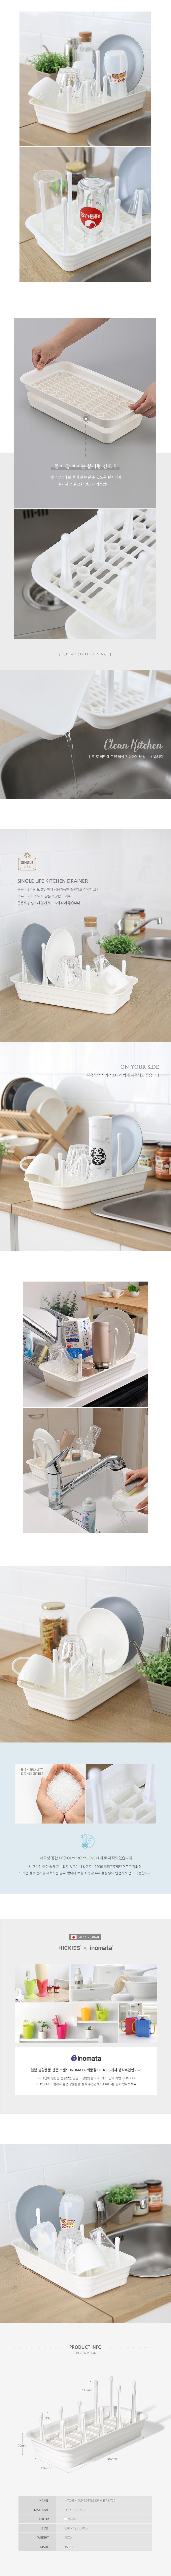 싱글리빙 물병 텀블러 컵걸이 물빠짐 식기건조대 KT30 - 히키스, 9,900원, 주방정리용품, 식기건조대